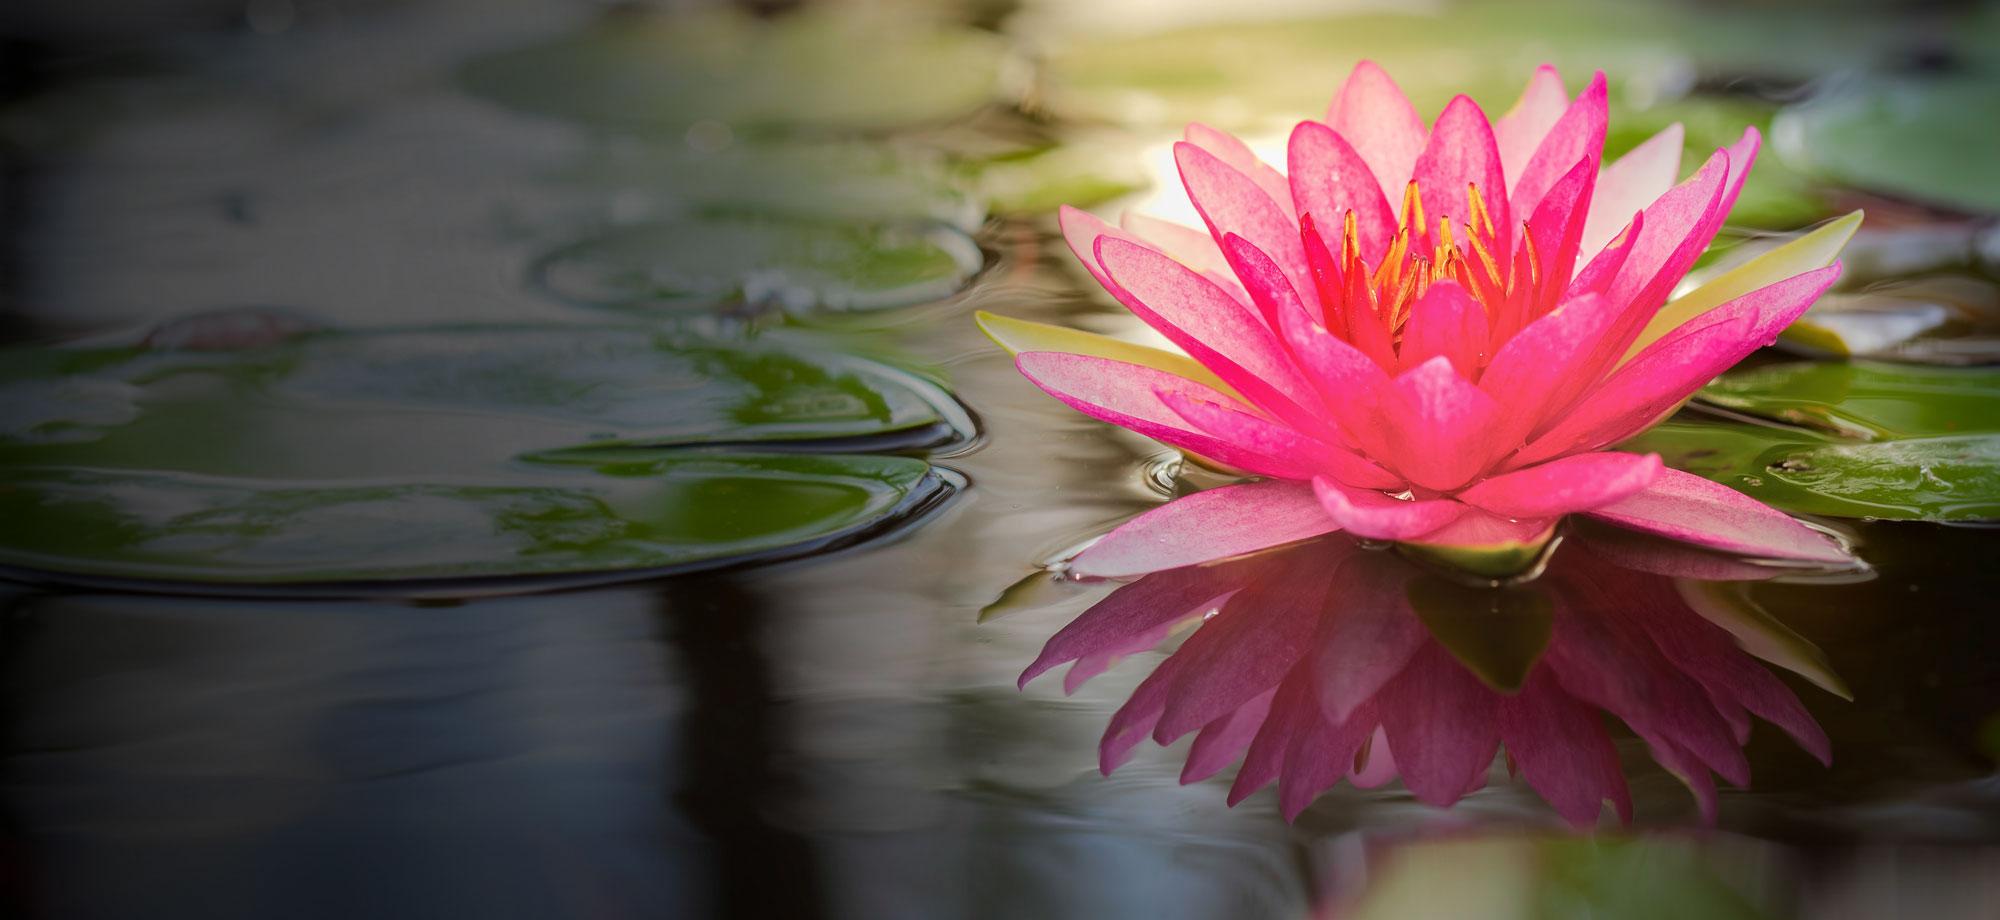 Lotus: National Flower of Egypt